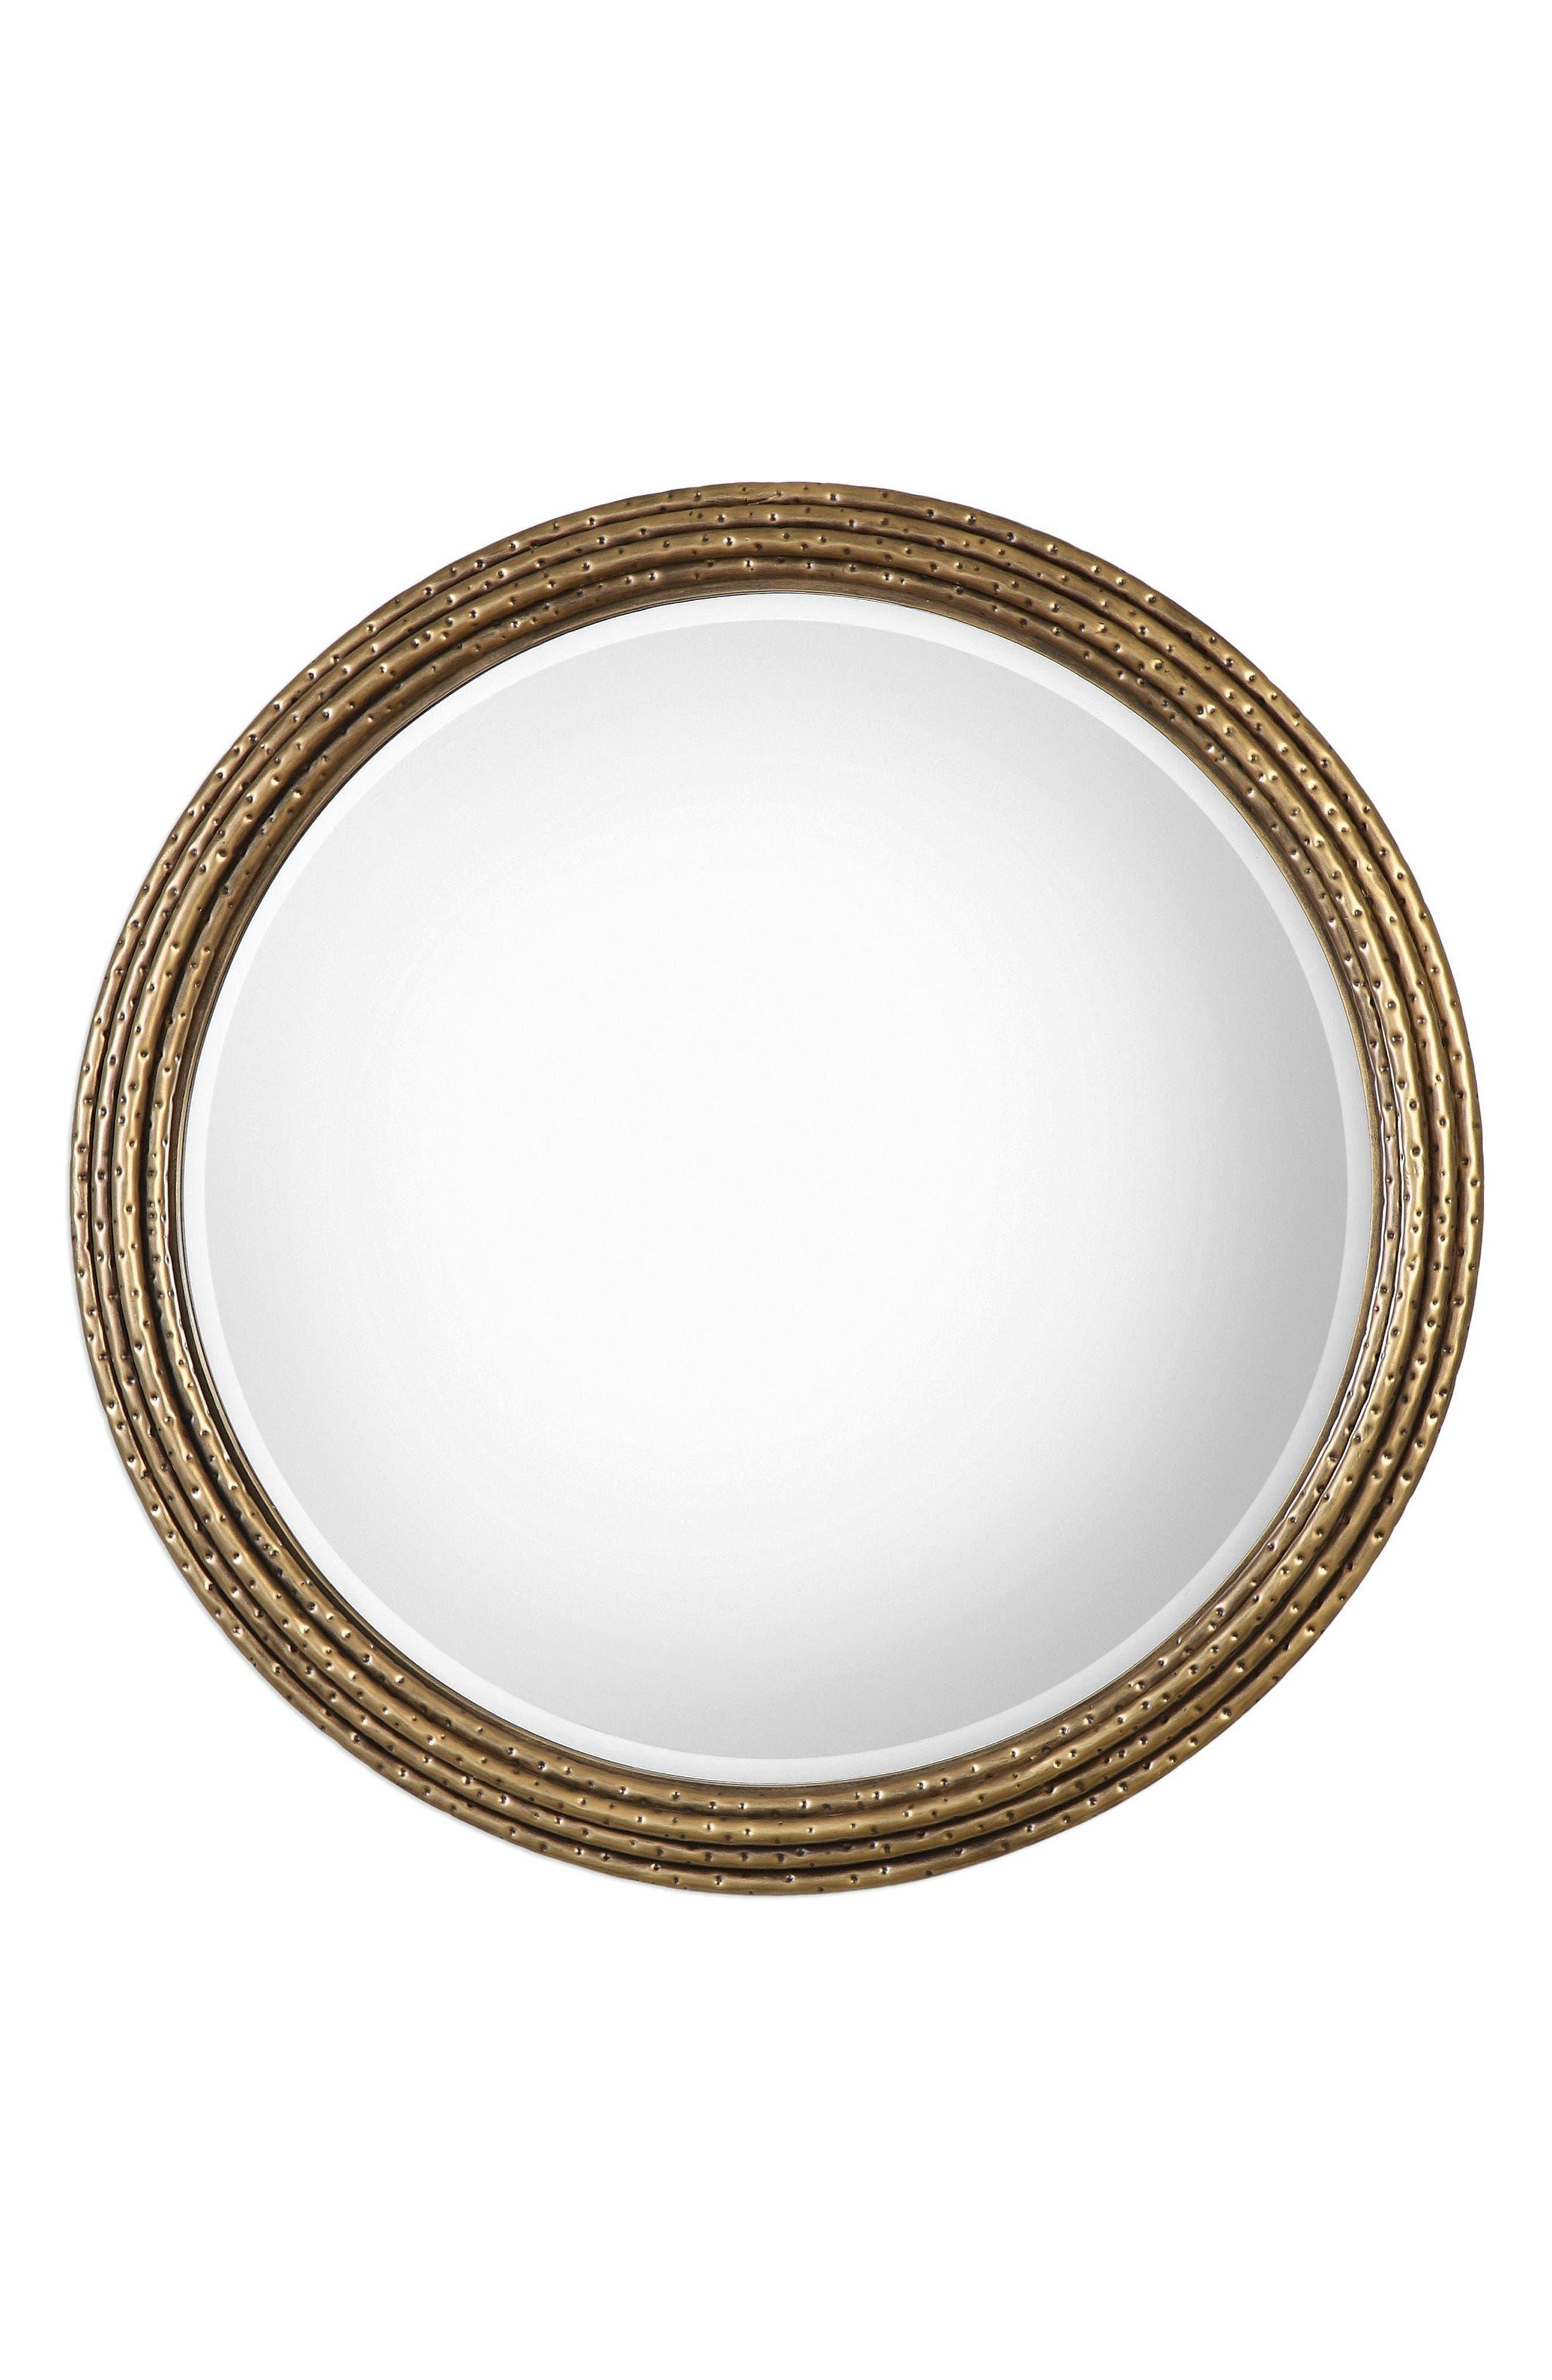 Spera Wall Mirror,                             Main thumbnail 1, color,                             200